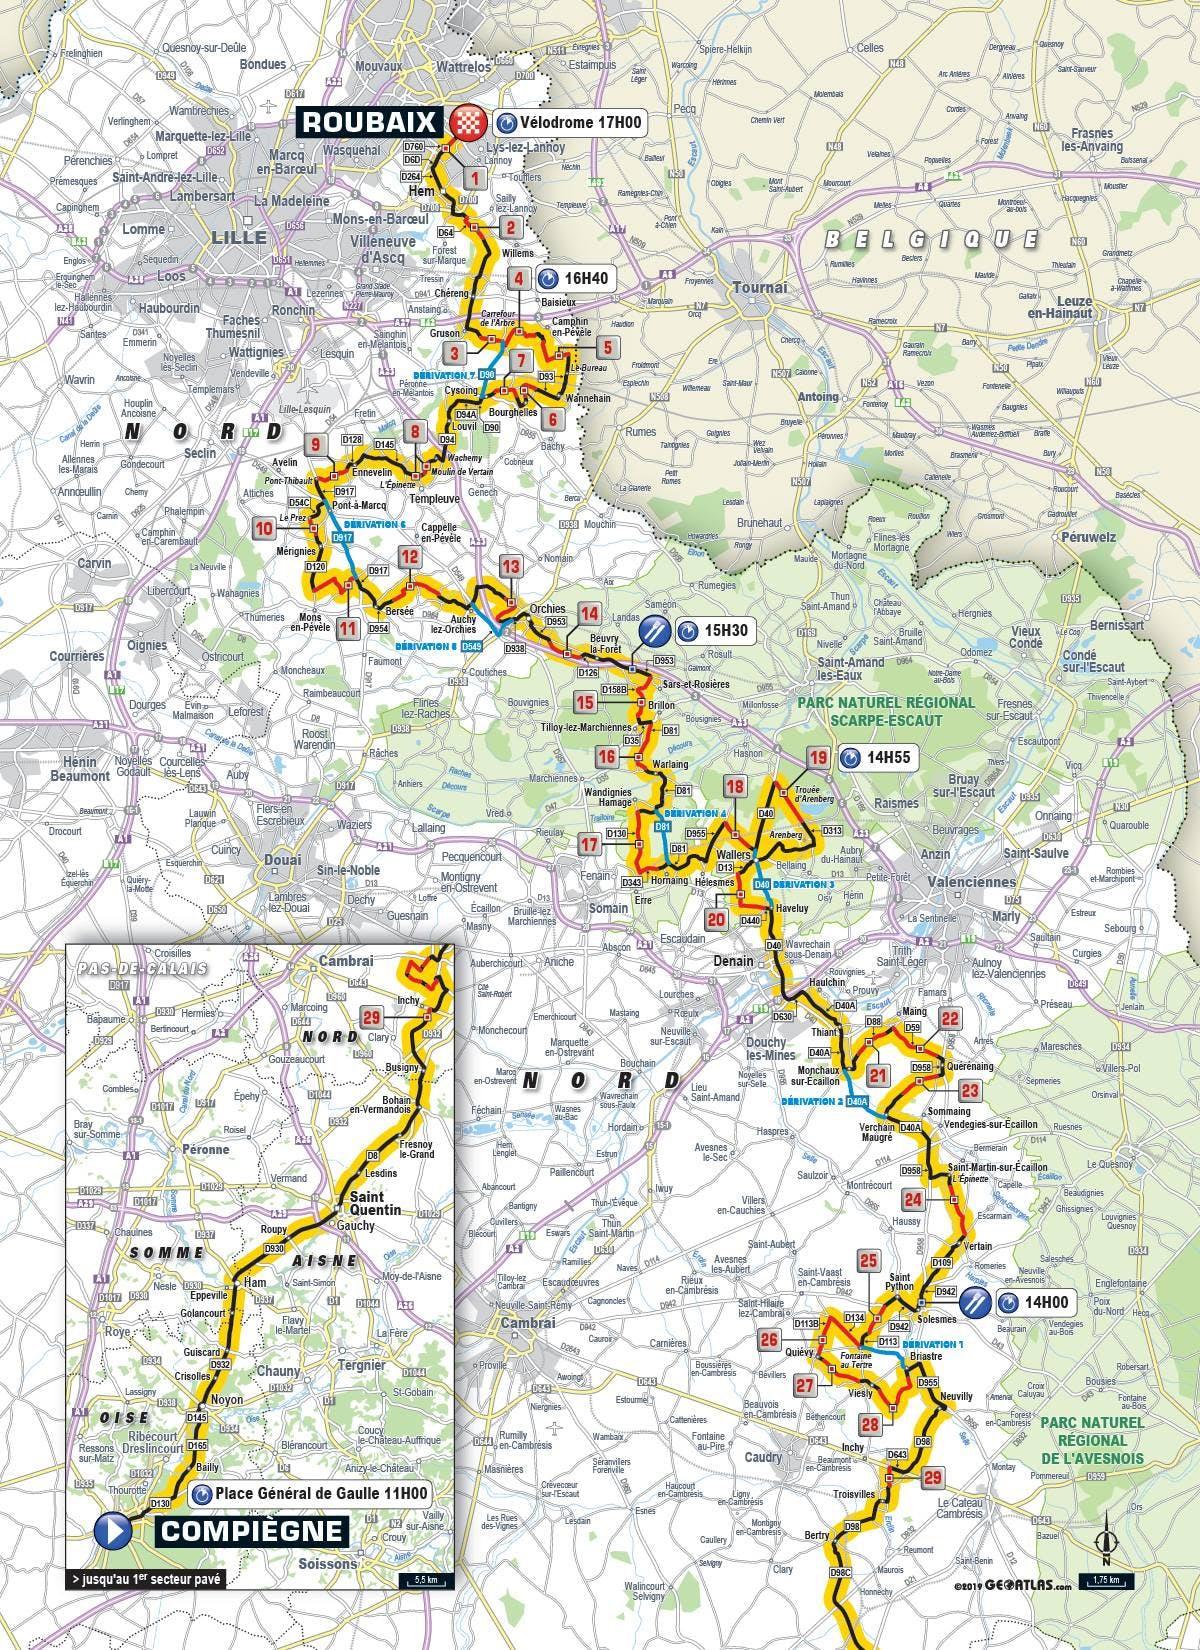 LCL, partenaire du Paris-Roubaix 2019